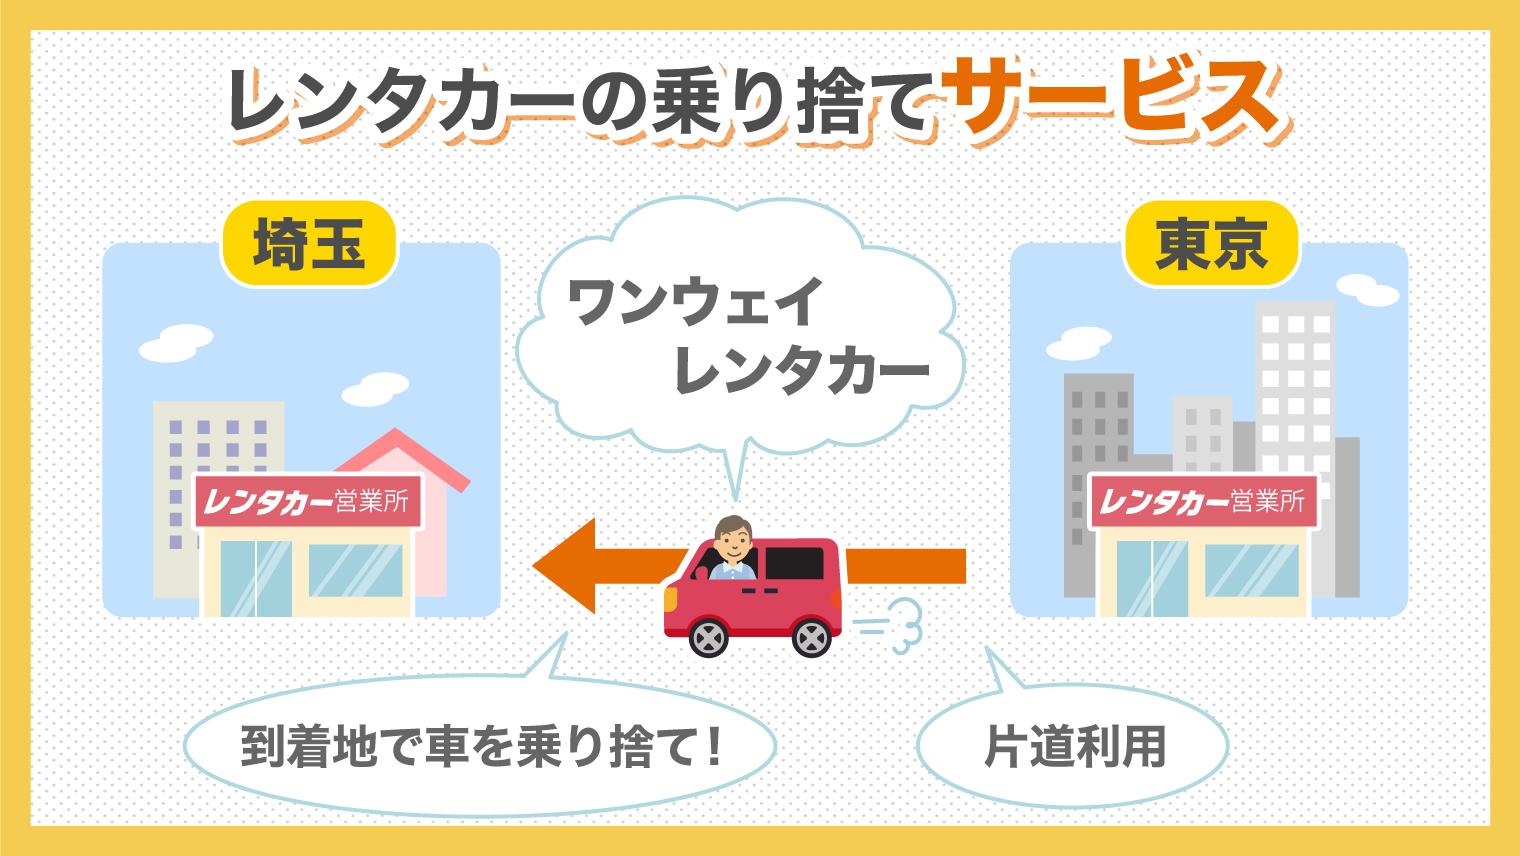 レンタカーの乗り捨てサービス概要